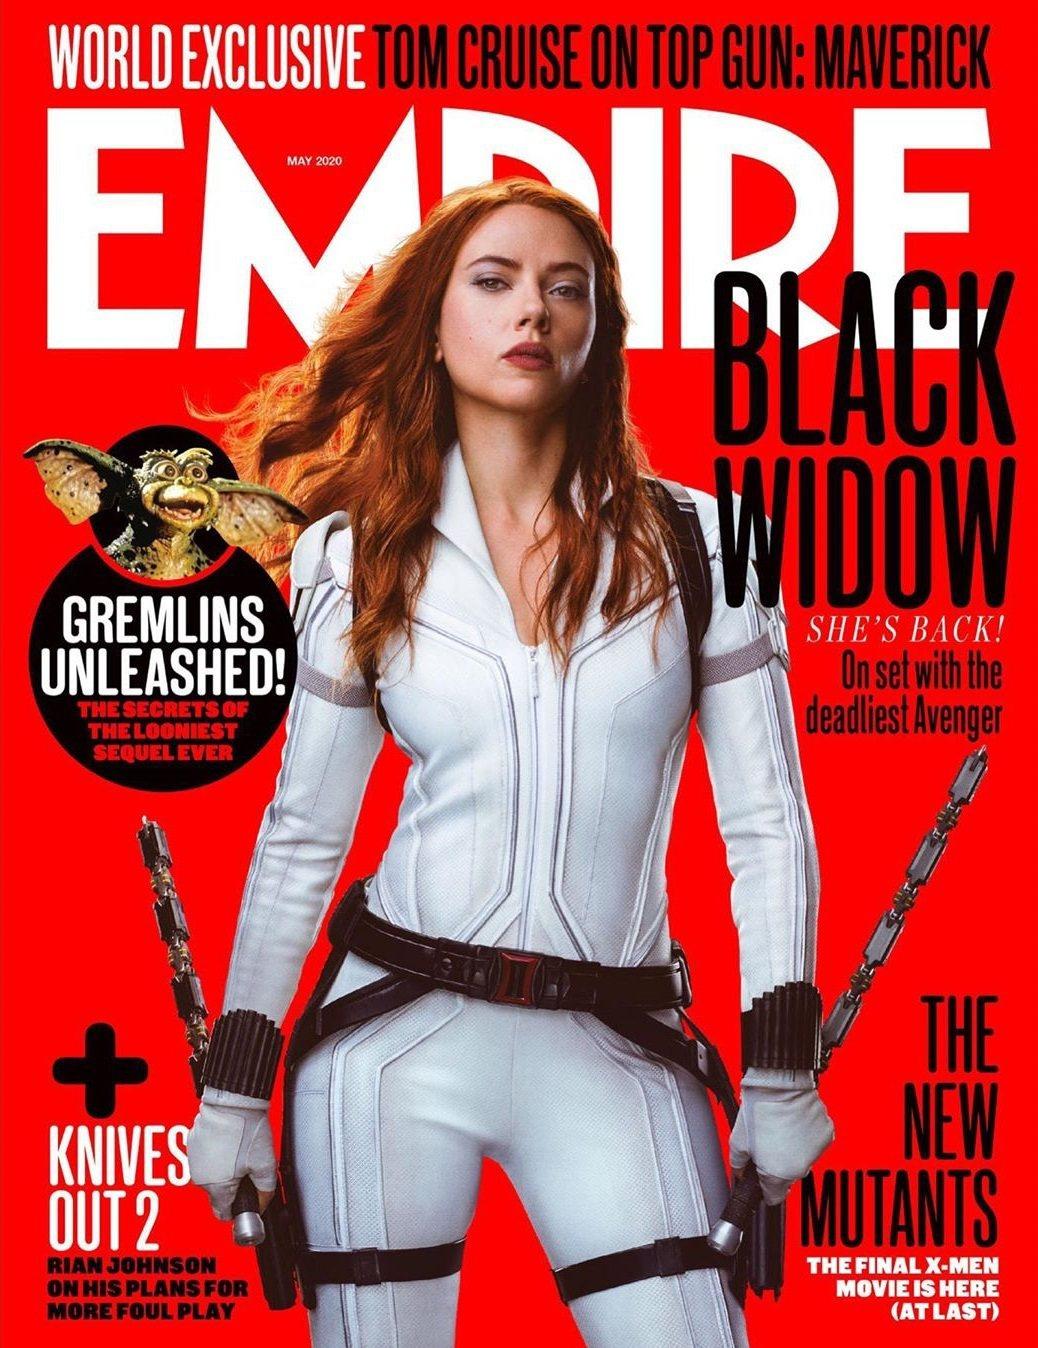 「黑寡婦」思嘉莉約翰森英姿已經登上各大雜誌封面,票房熱賣可期。圖/摘自EMPIR